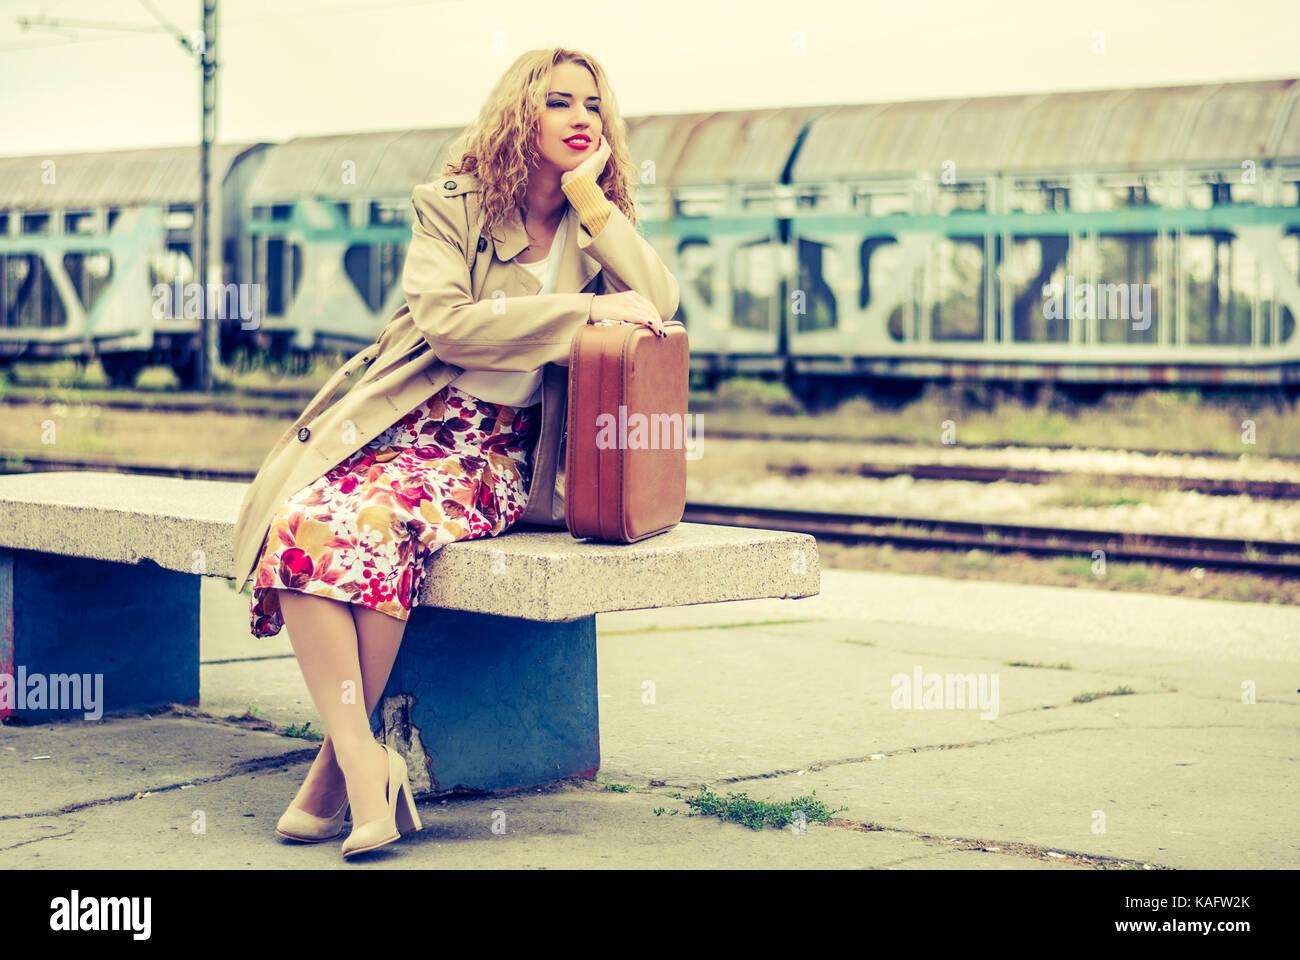 Frau mit einem Koffer und wartet, dass der Zug und Bahnhof. Junge Frau geht Stripe Sets und Einsamkeit Stockbild